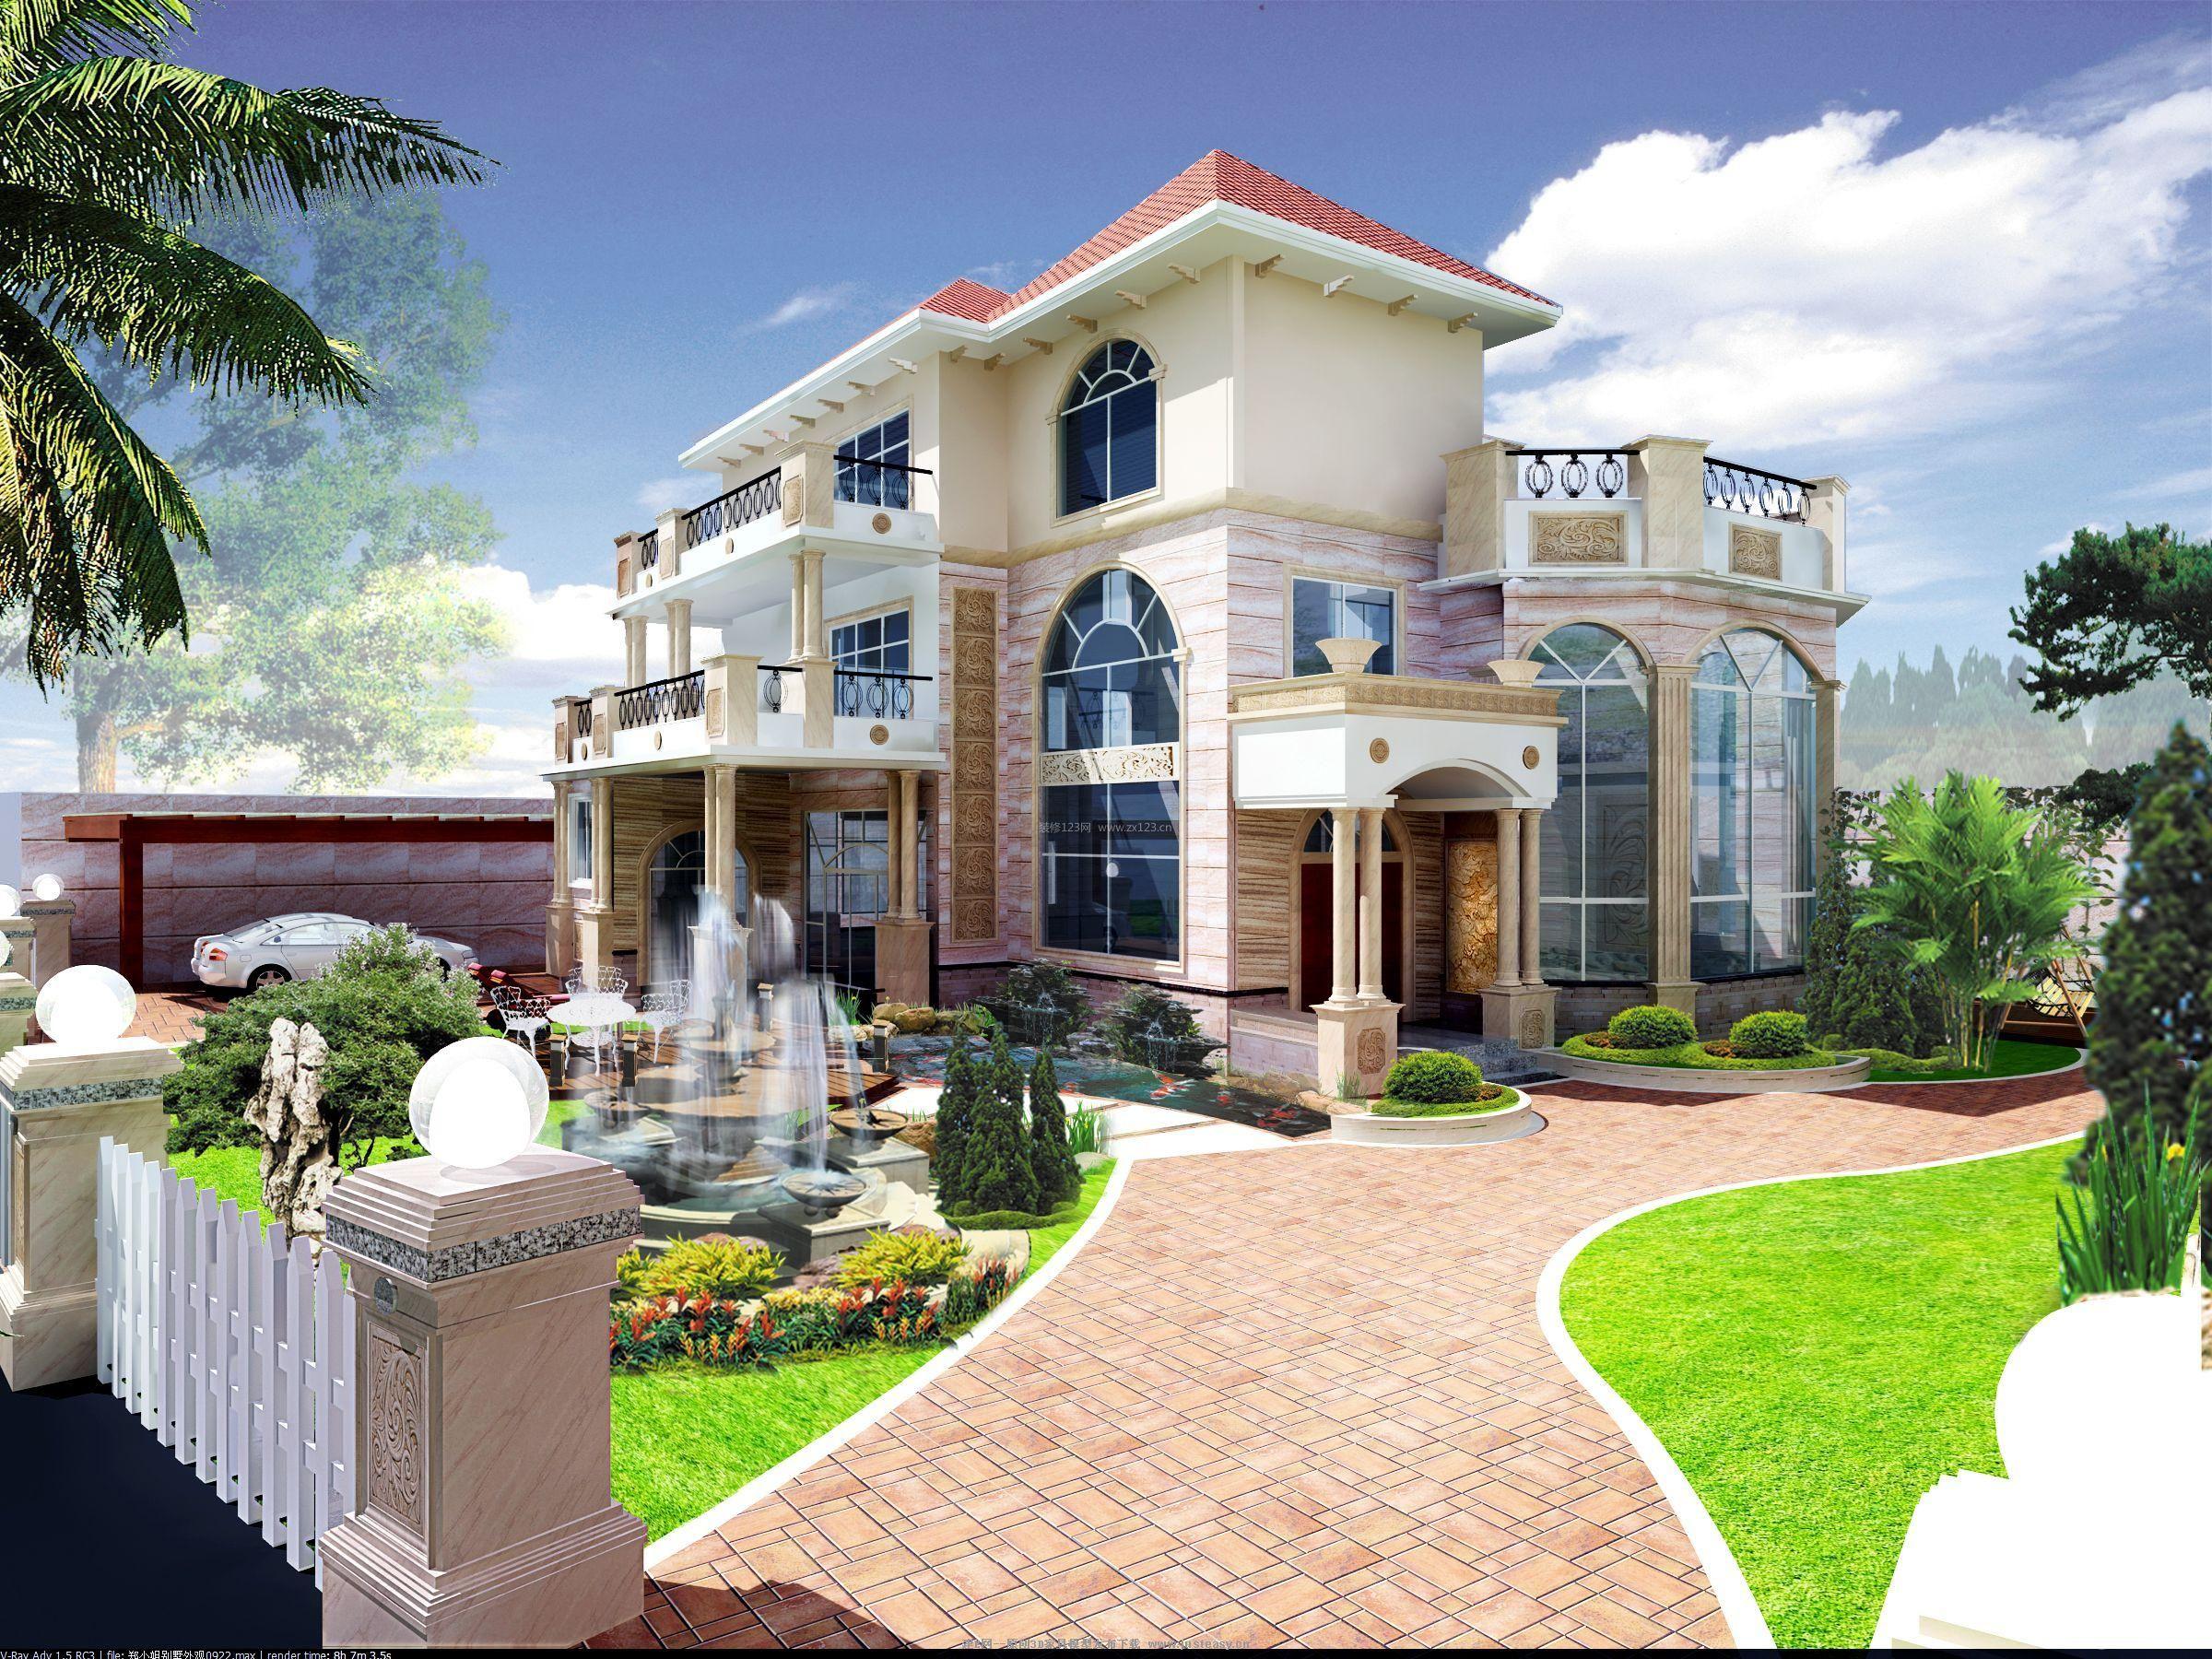 现代欧式三层别墅外观设计装修效果图_装修123效果图图片